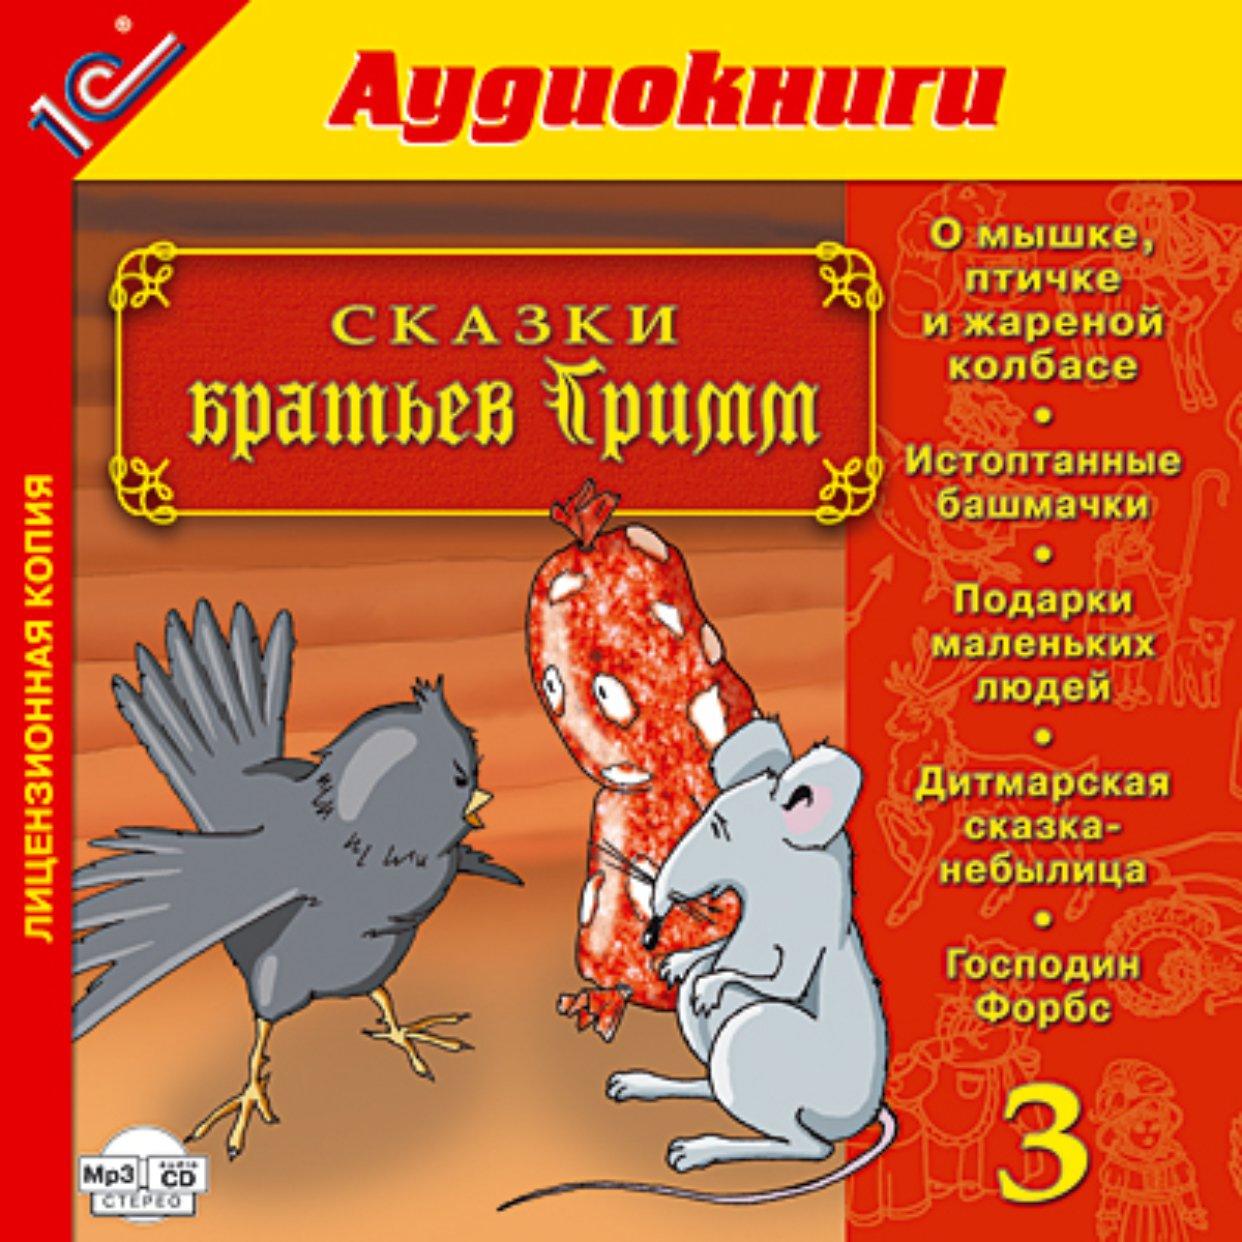 Сказки братьев Гримм. Выпуск 3